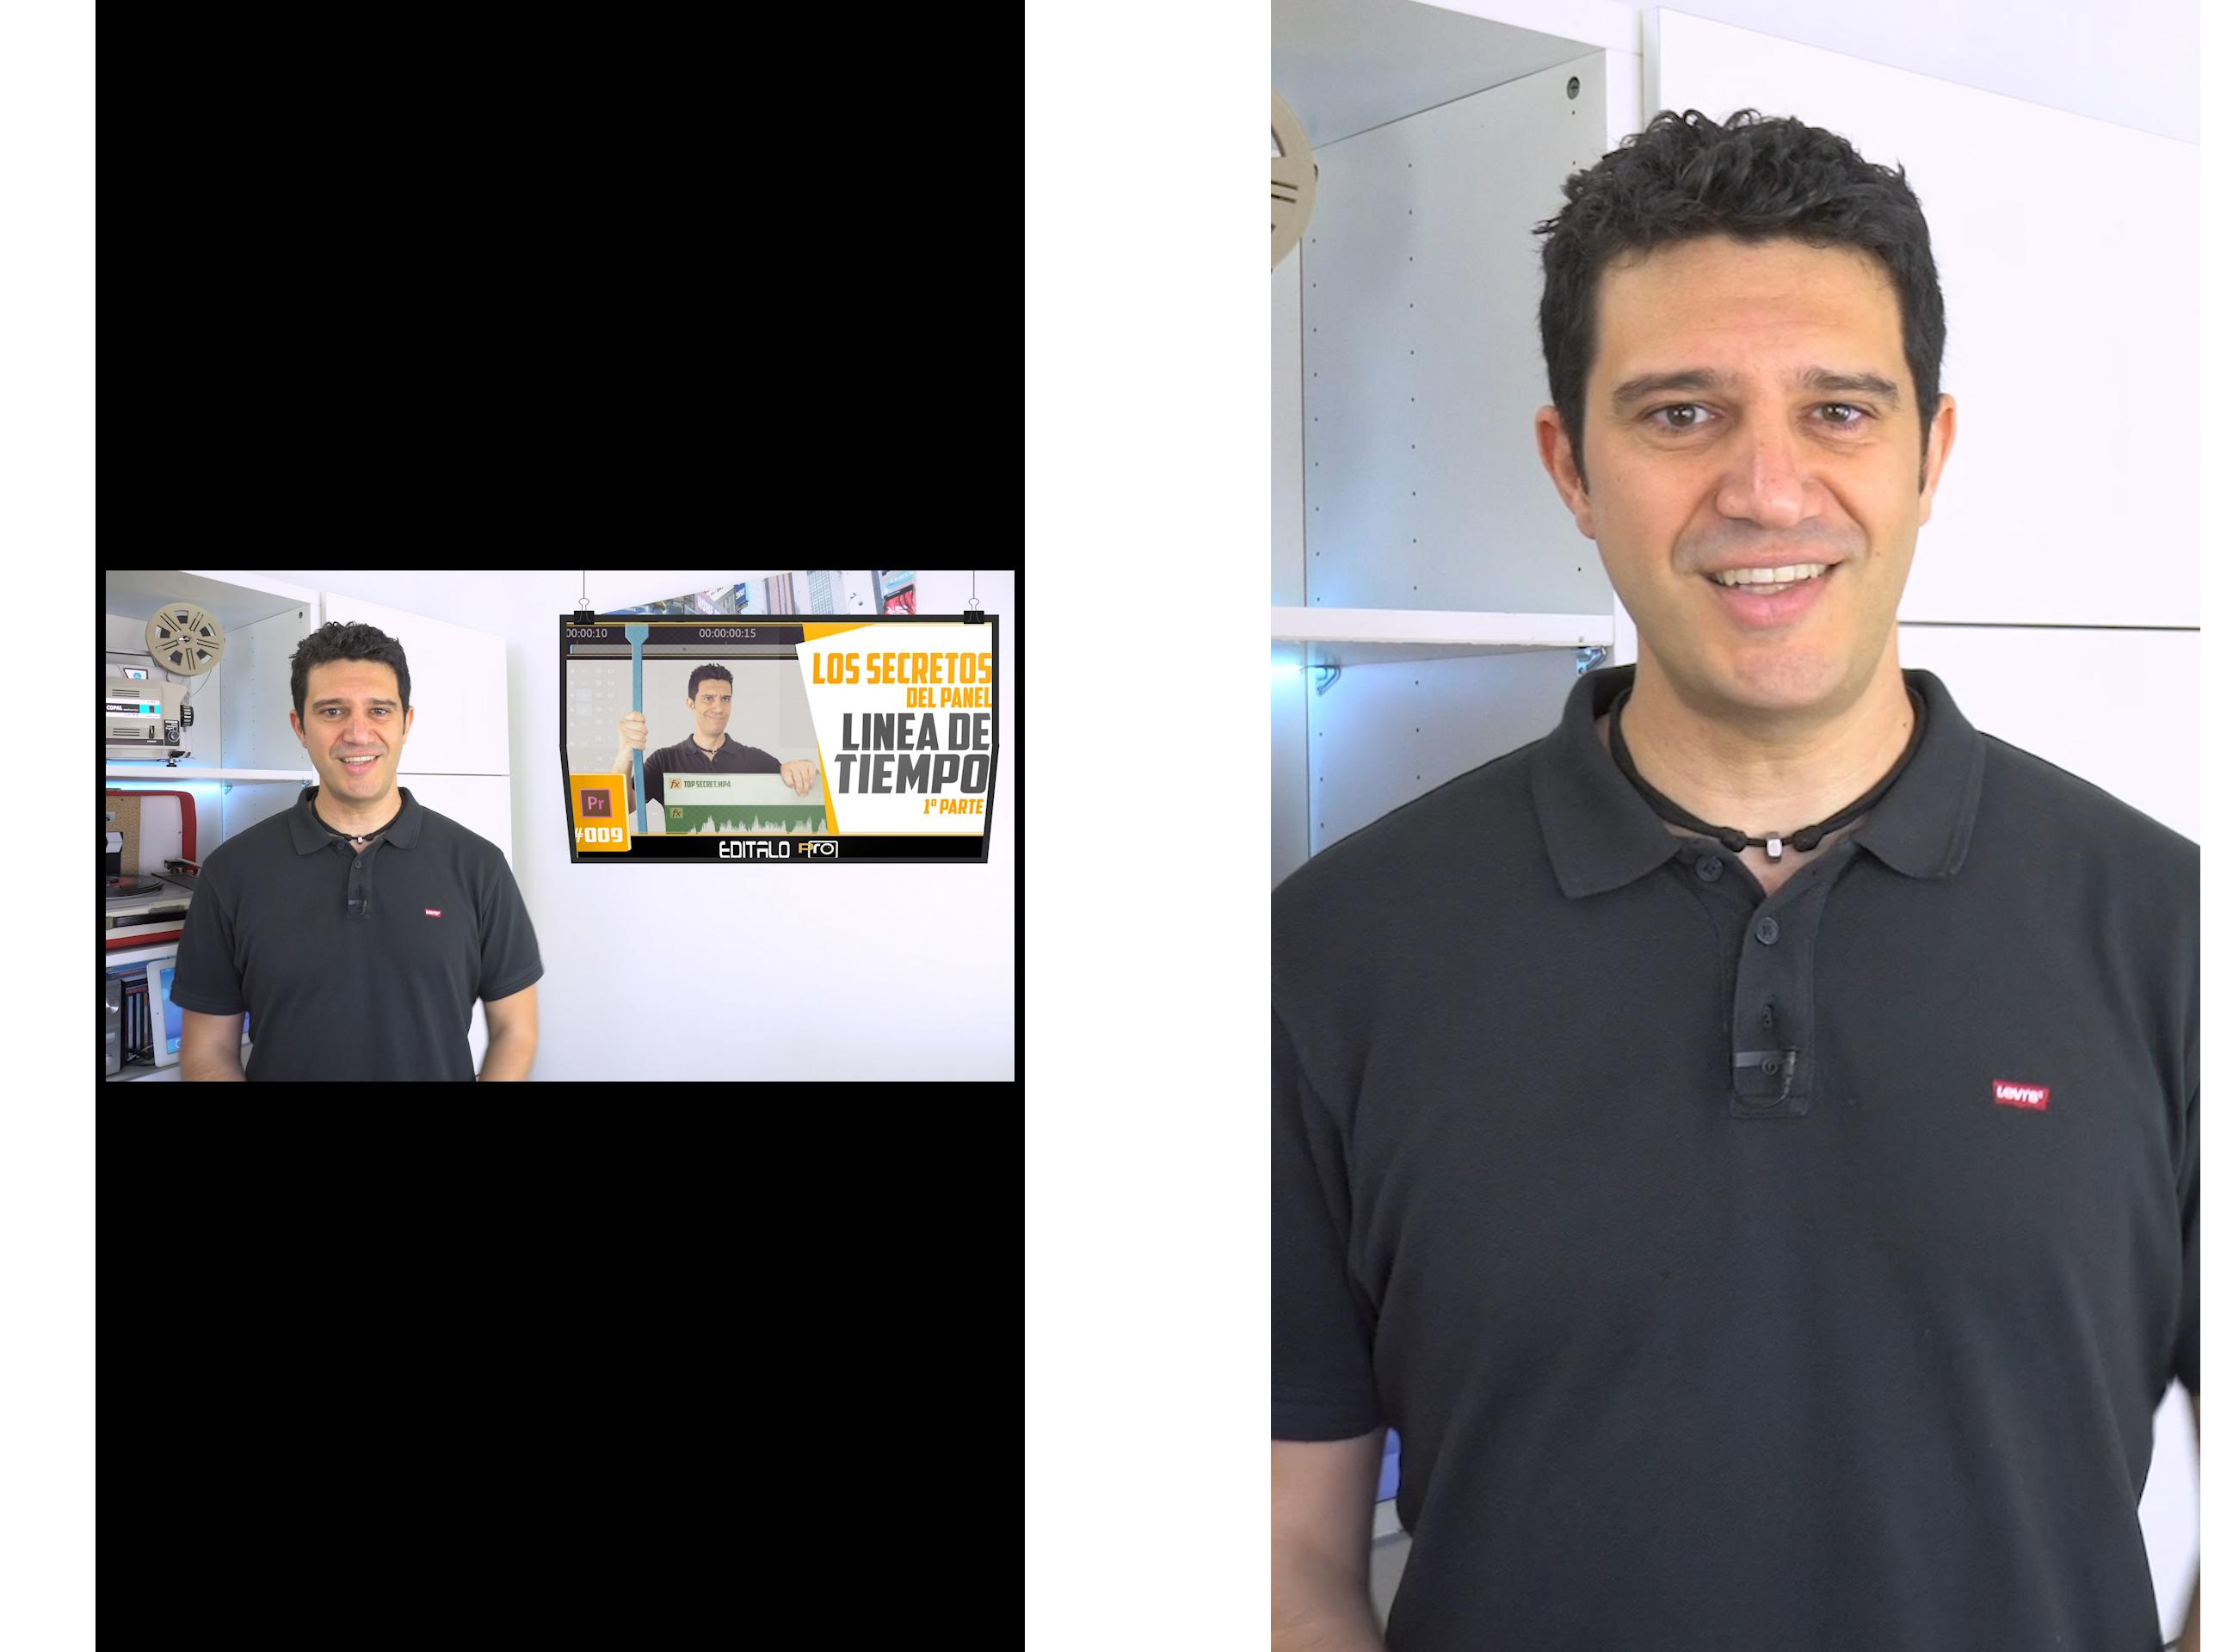 Cambia el tamaño o recorta el vídeo